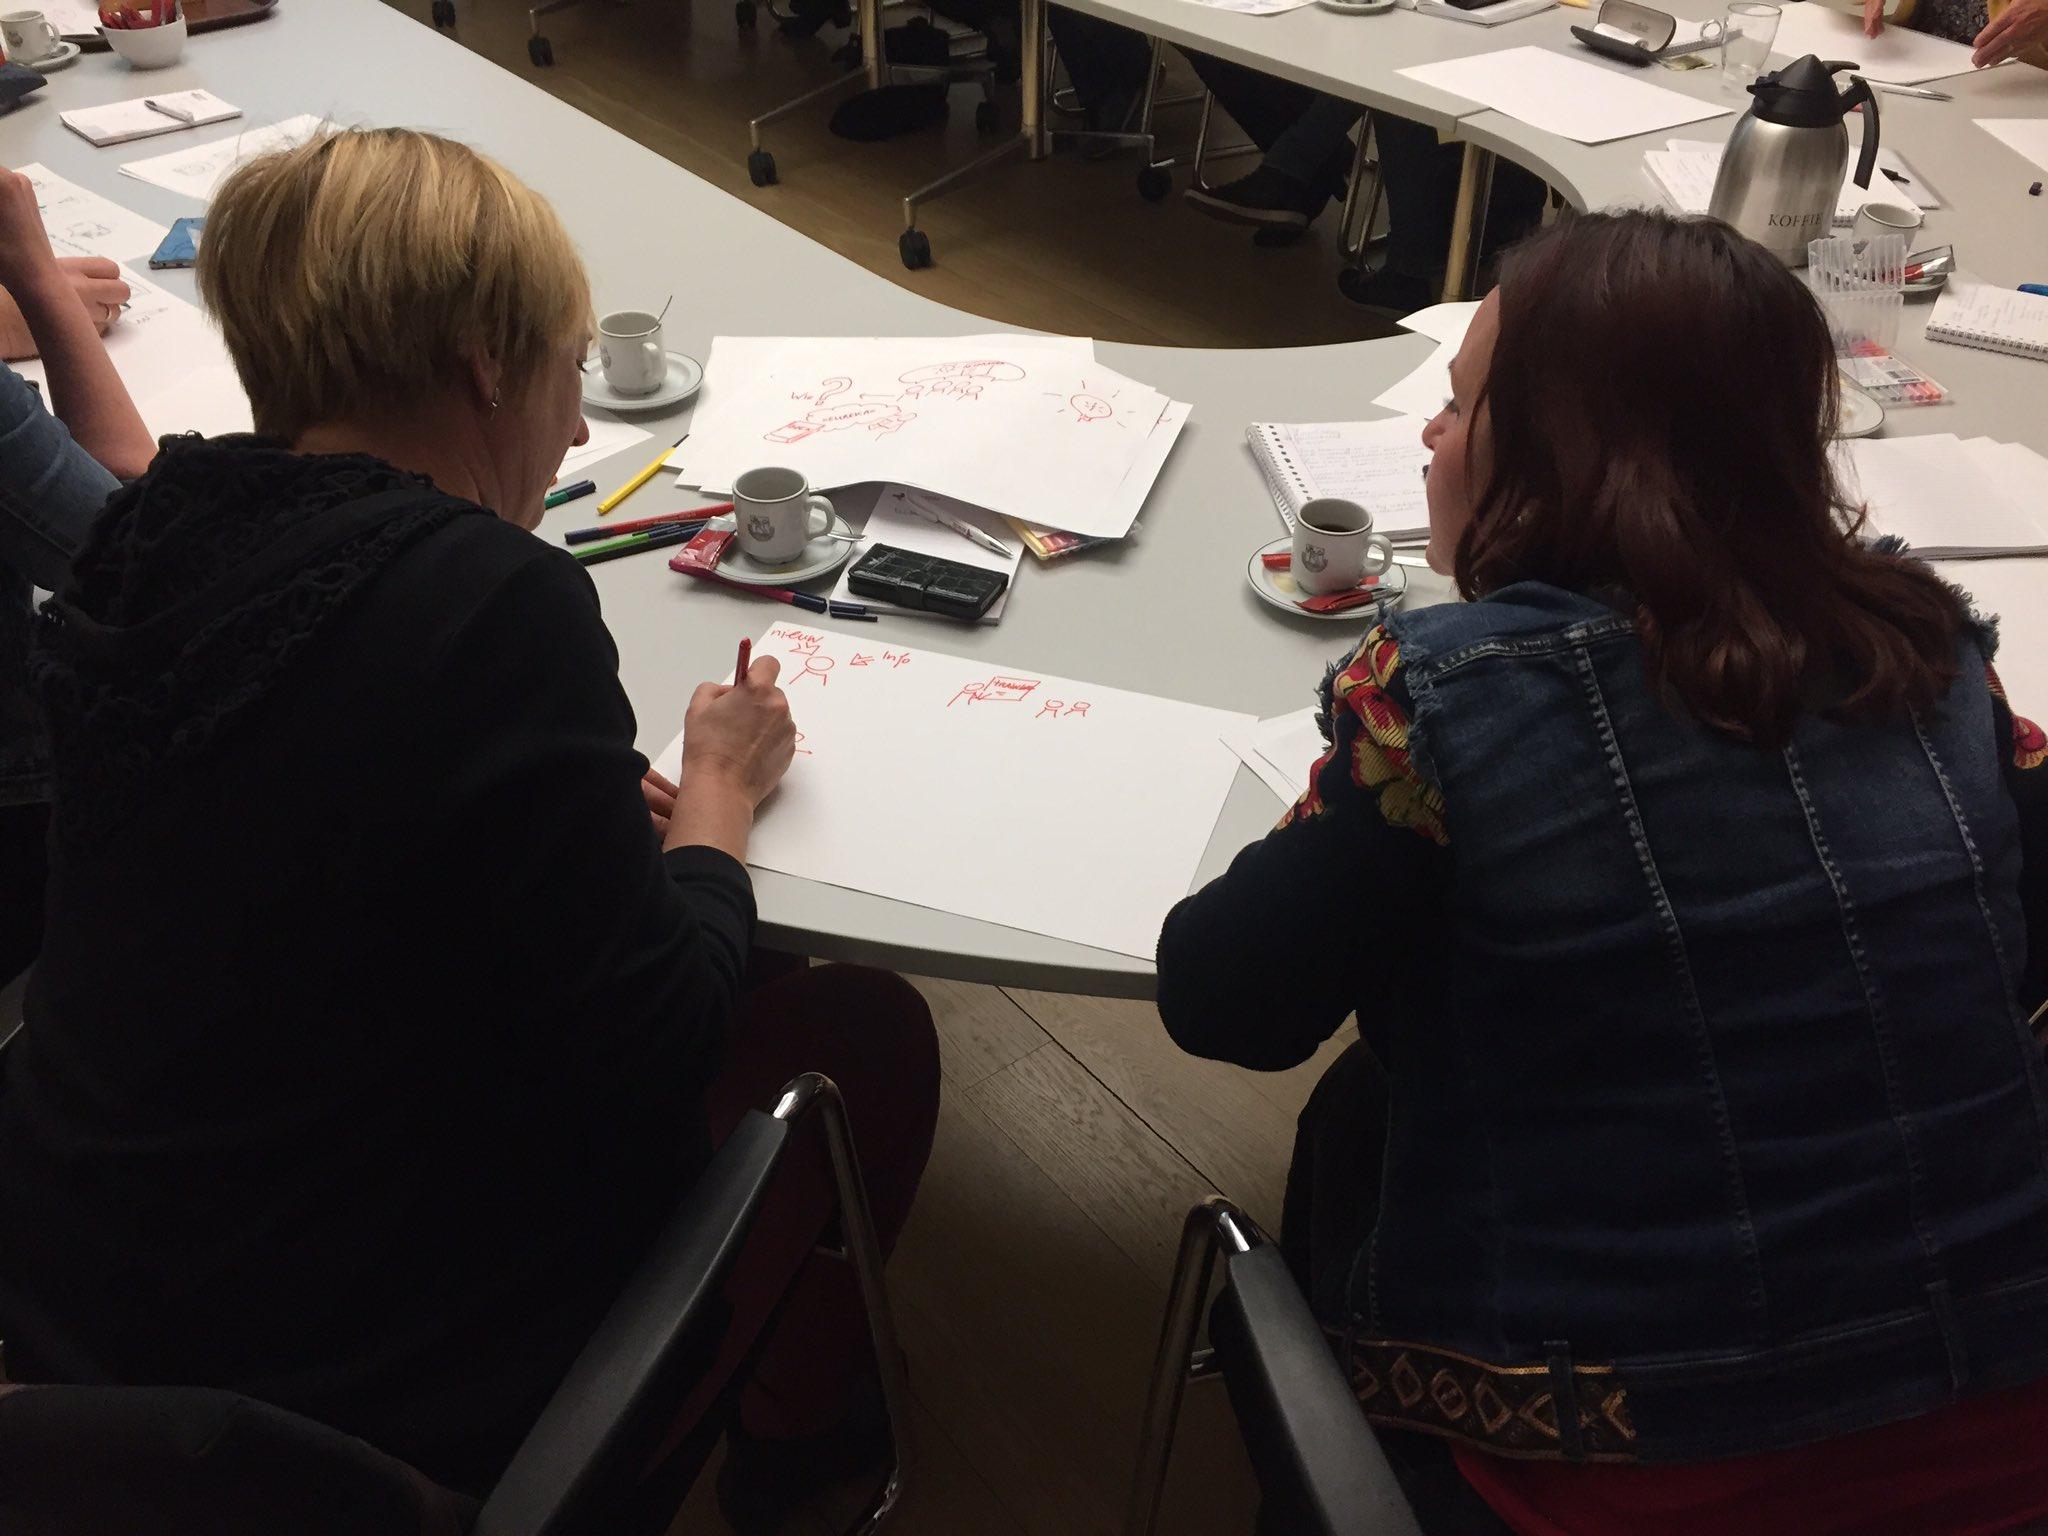 Tekenen terwijl je in gesprek bent, tijdens de visual notes workshop #MIJW 'Hoe ben jij meester in je werk?' https://t.co/AKZg8fGeHn